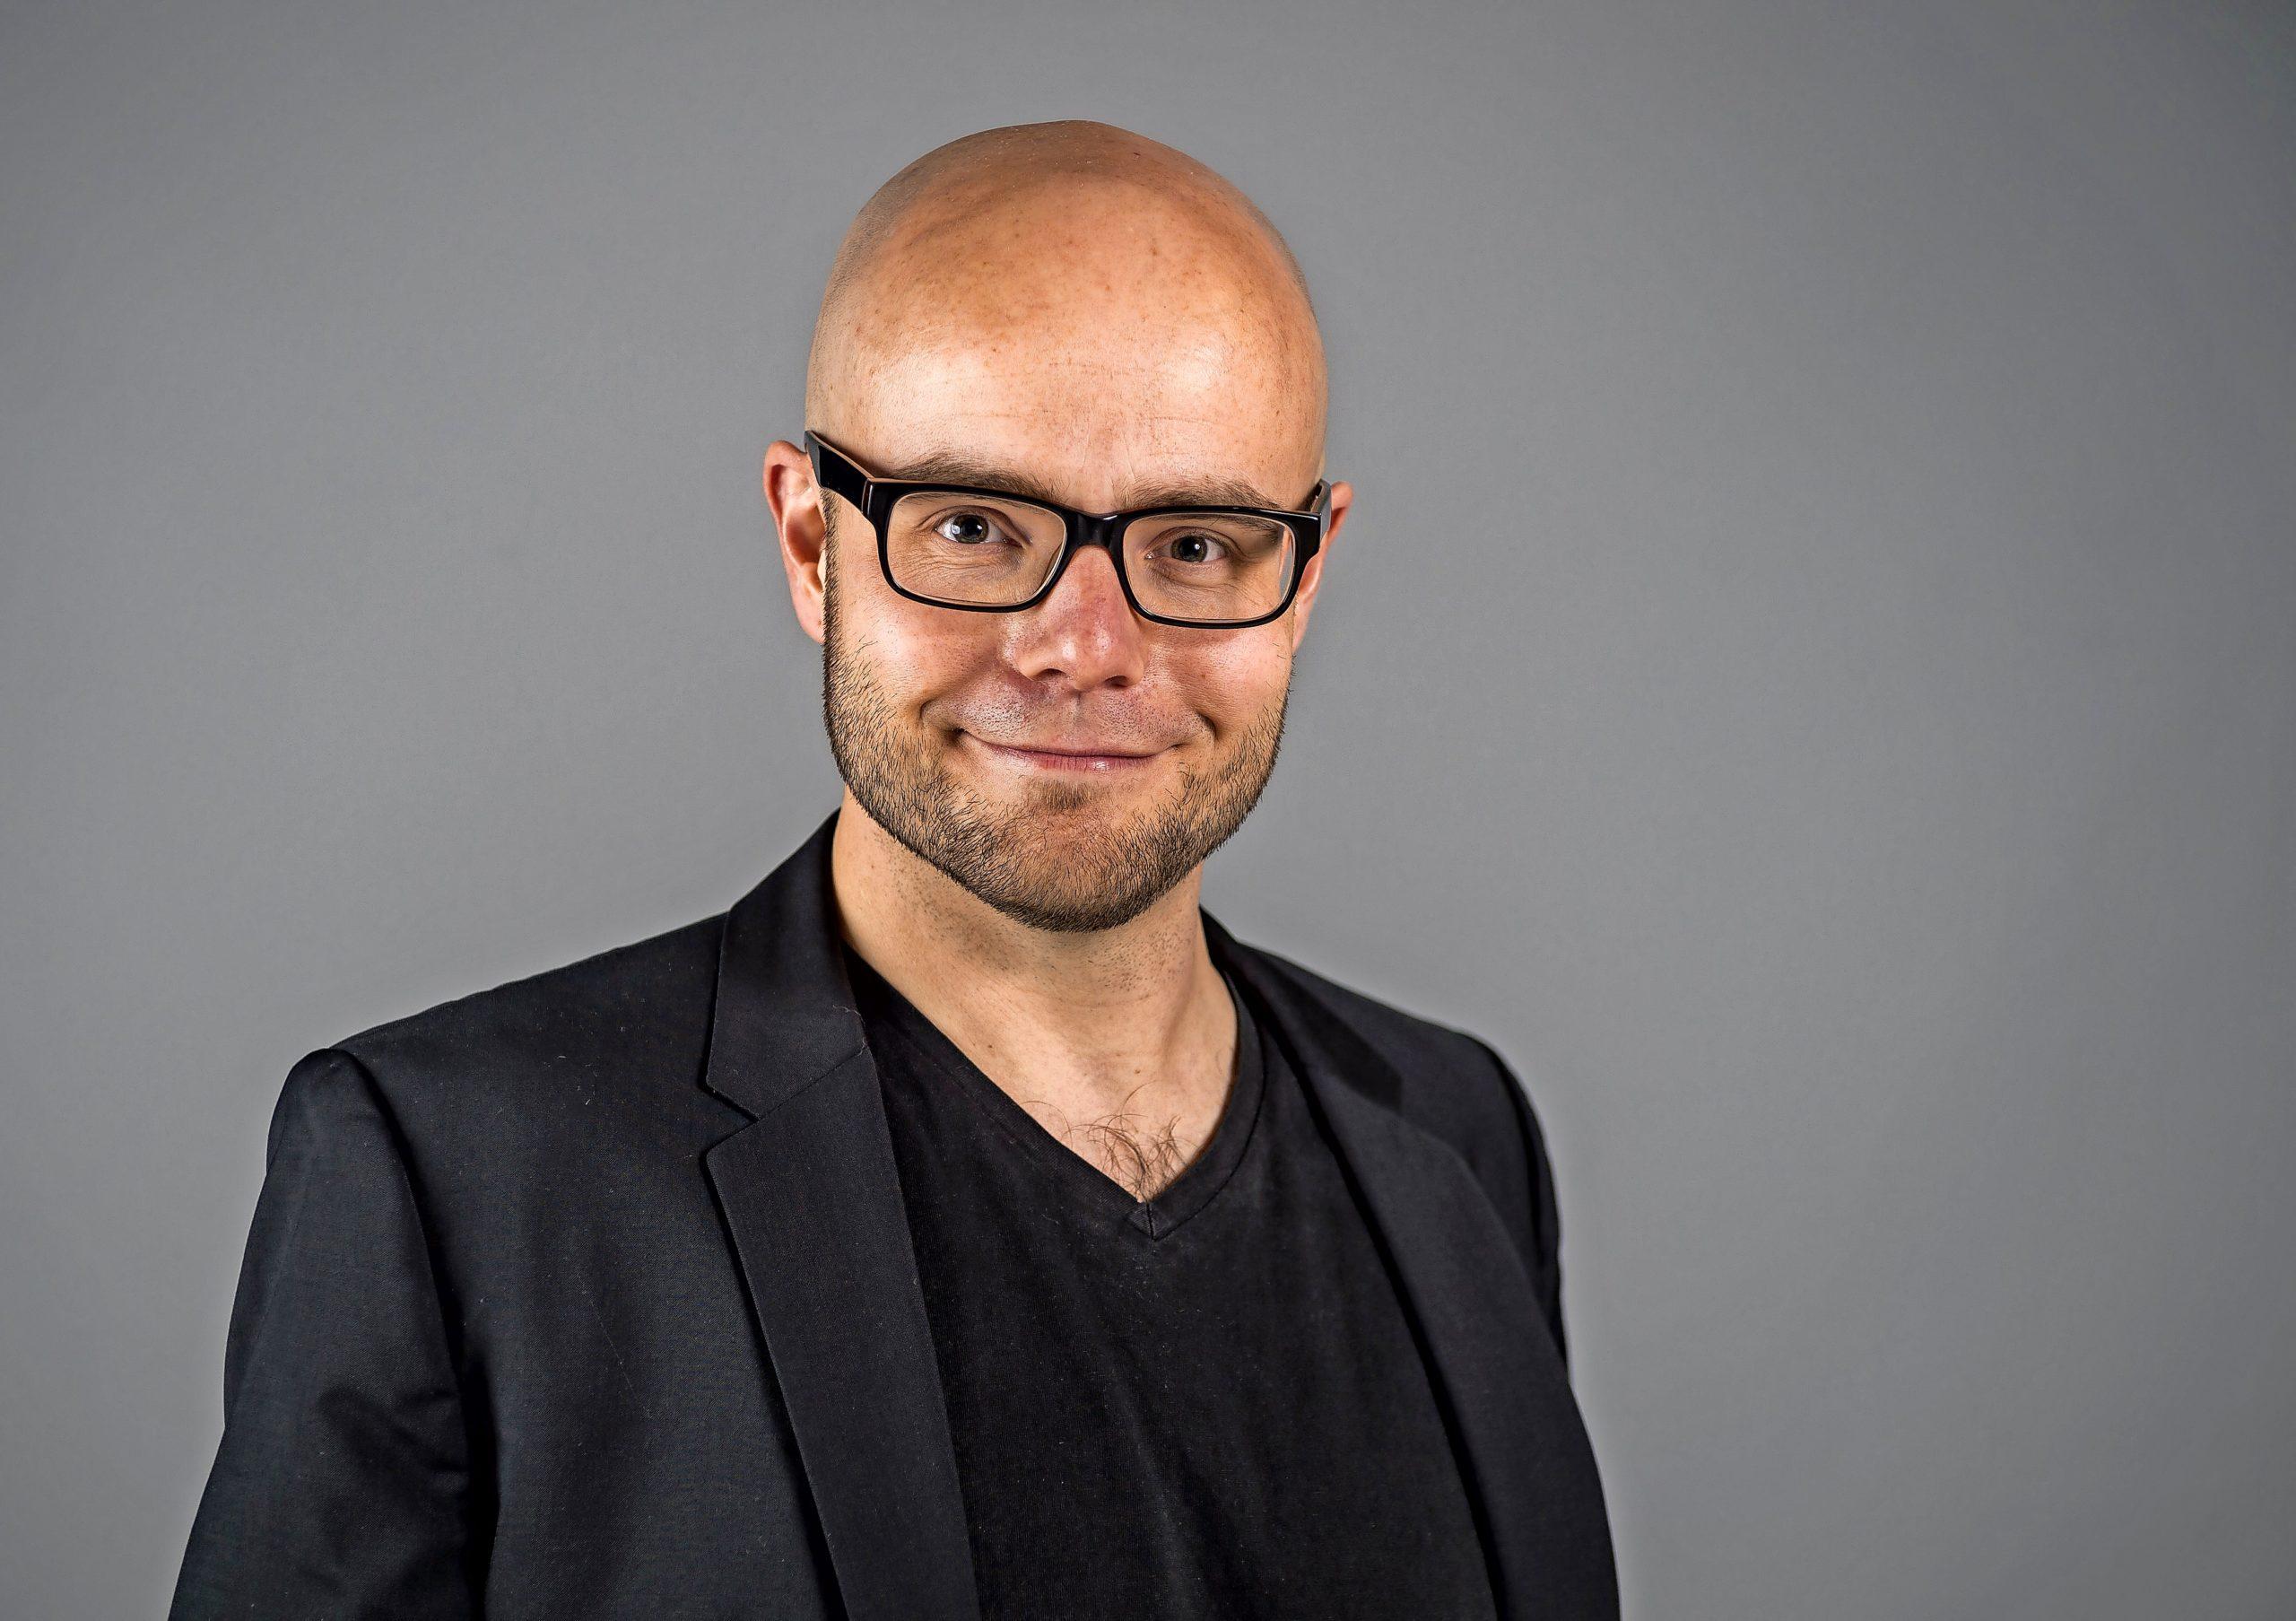 Malte C. Lachmann wird ab der Spielzeit 2022/23 Schauspieldirektor des Theaters Lübeck. Dies entschied der Aufsichtsrat des Theaters.